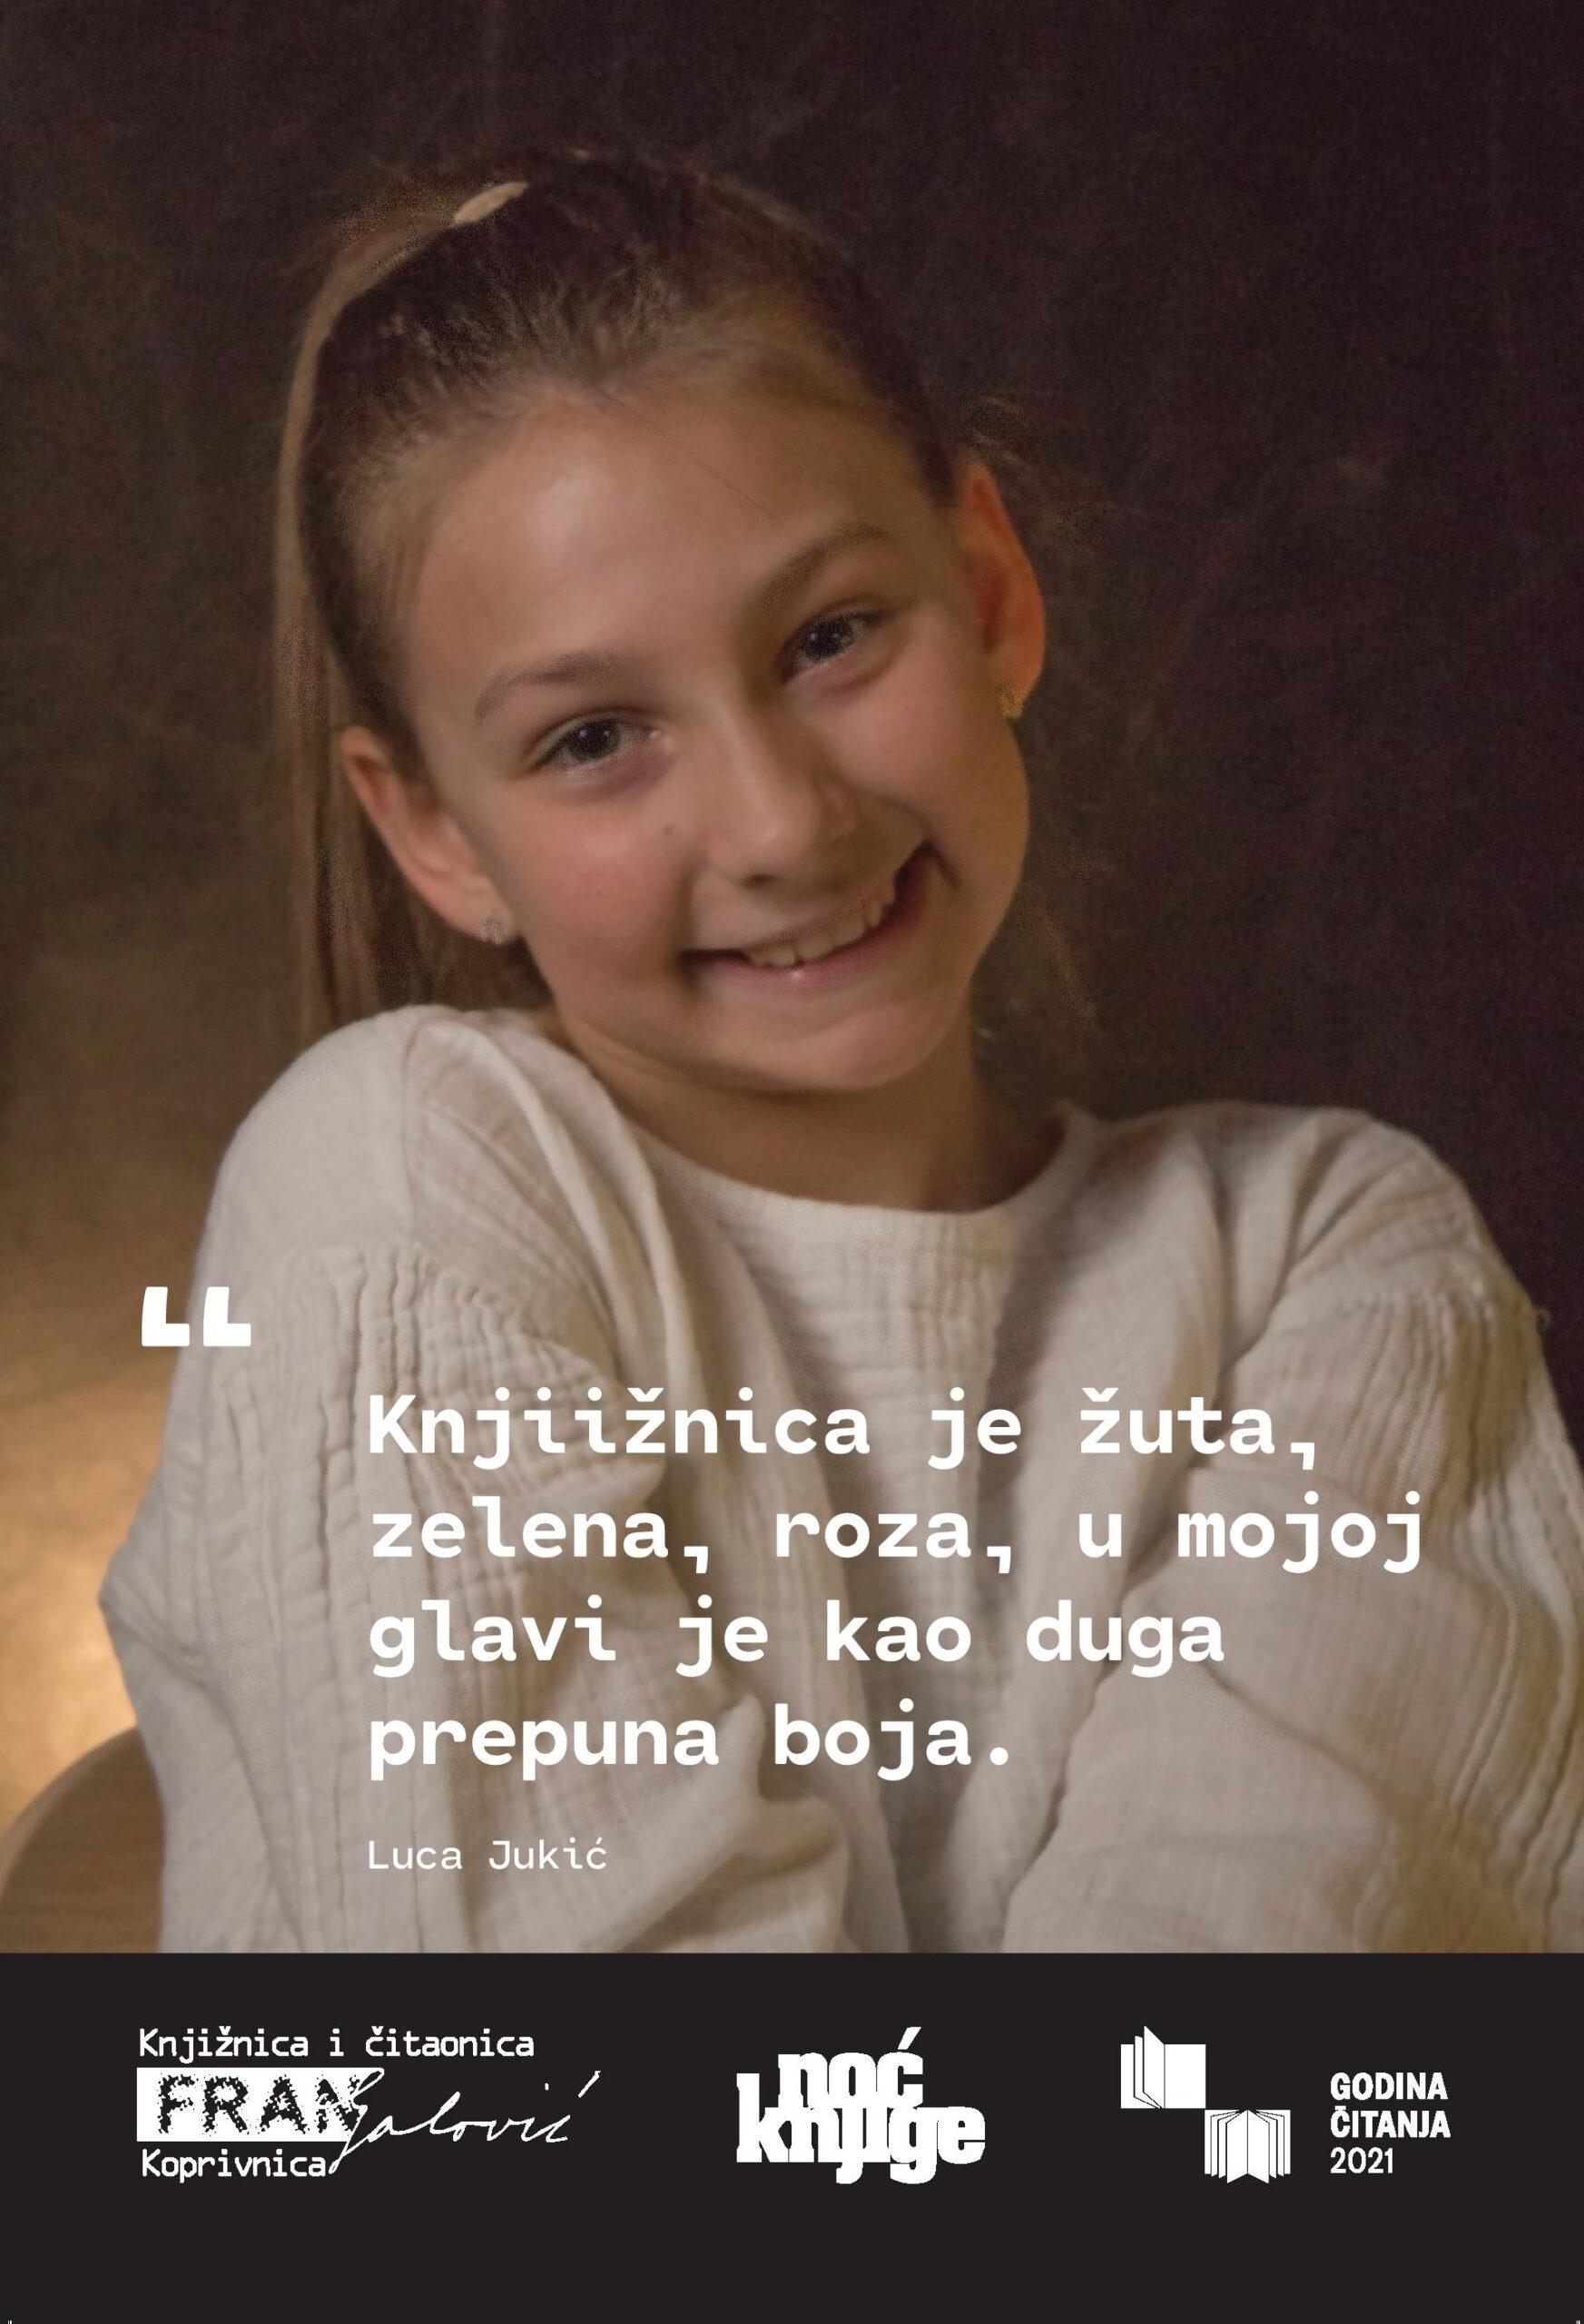 Luca Jukić